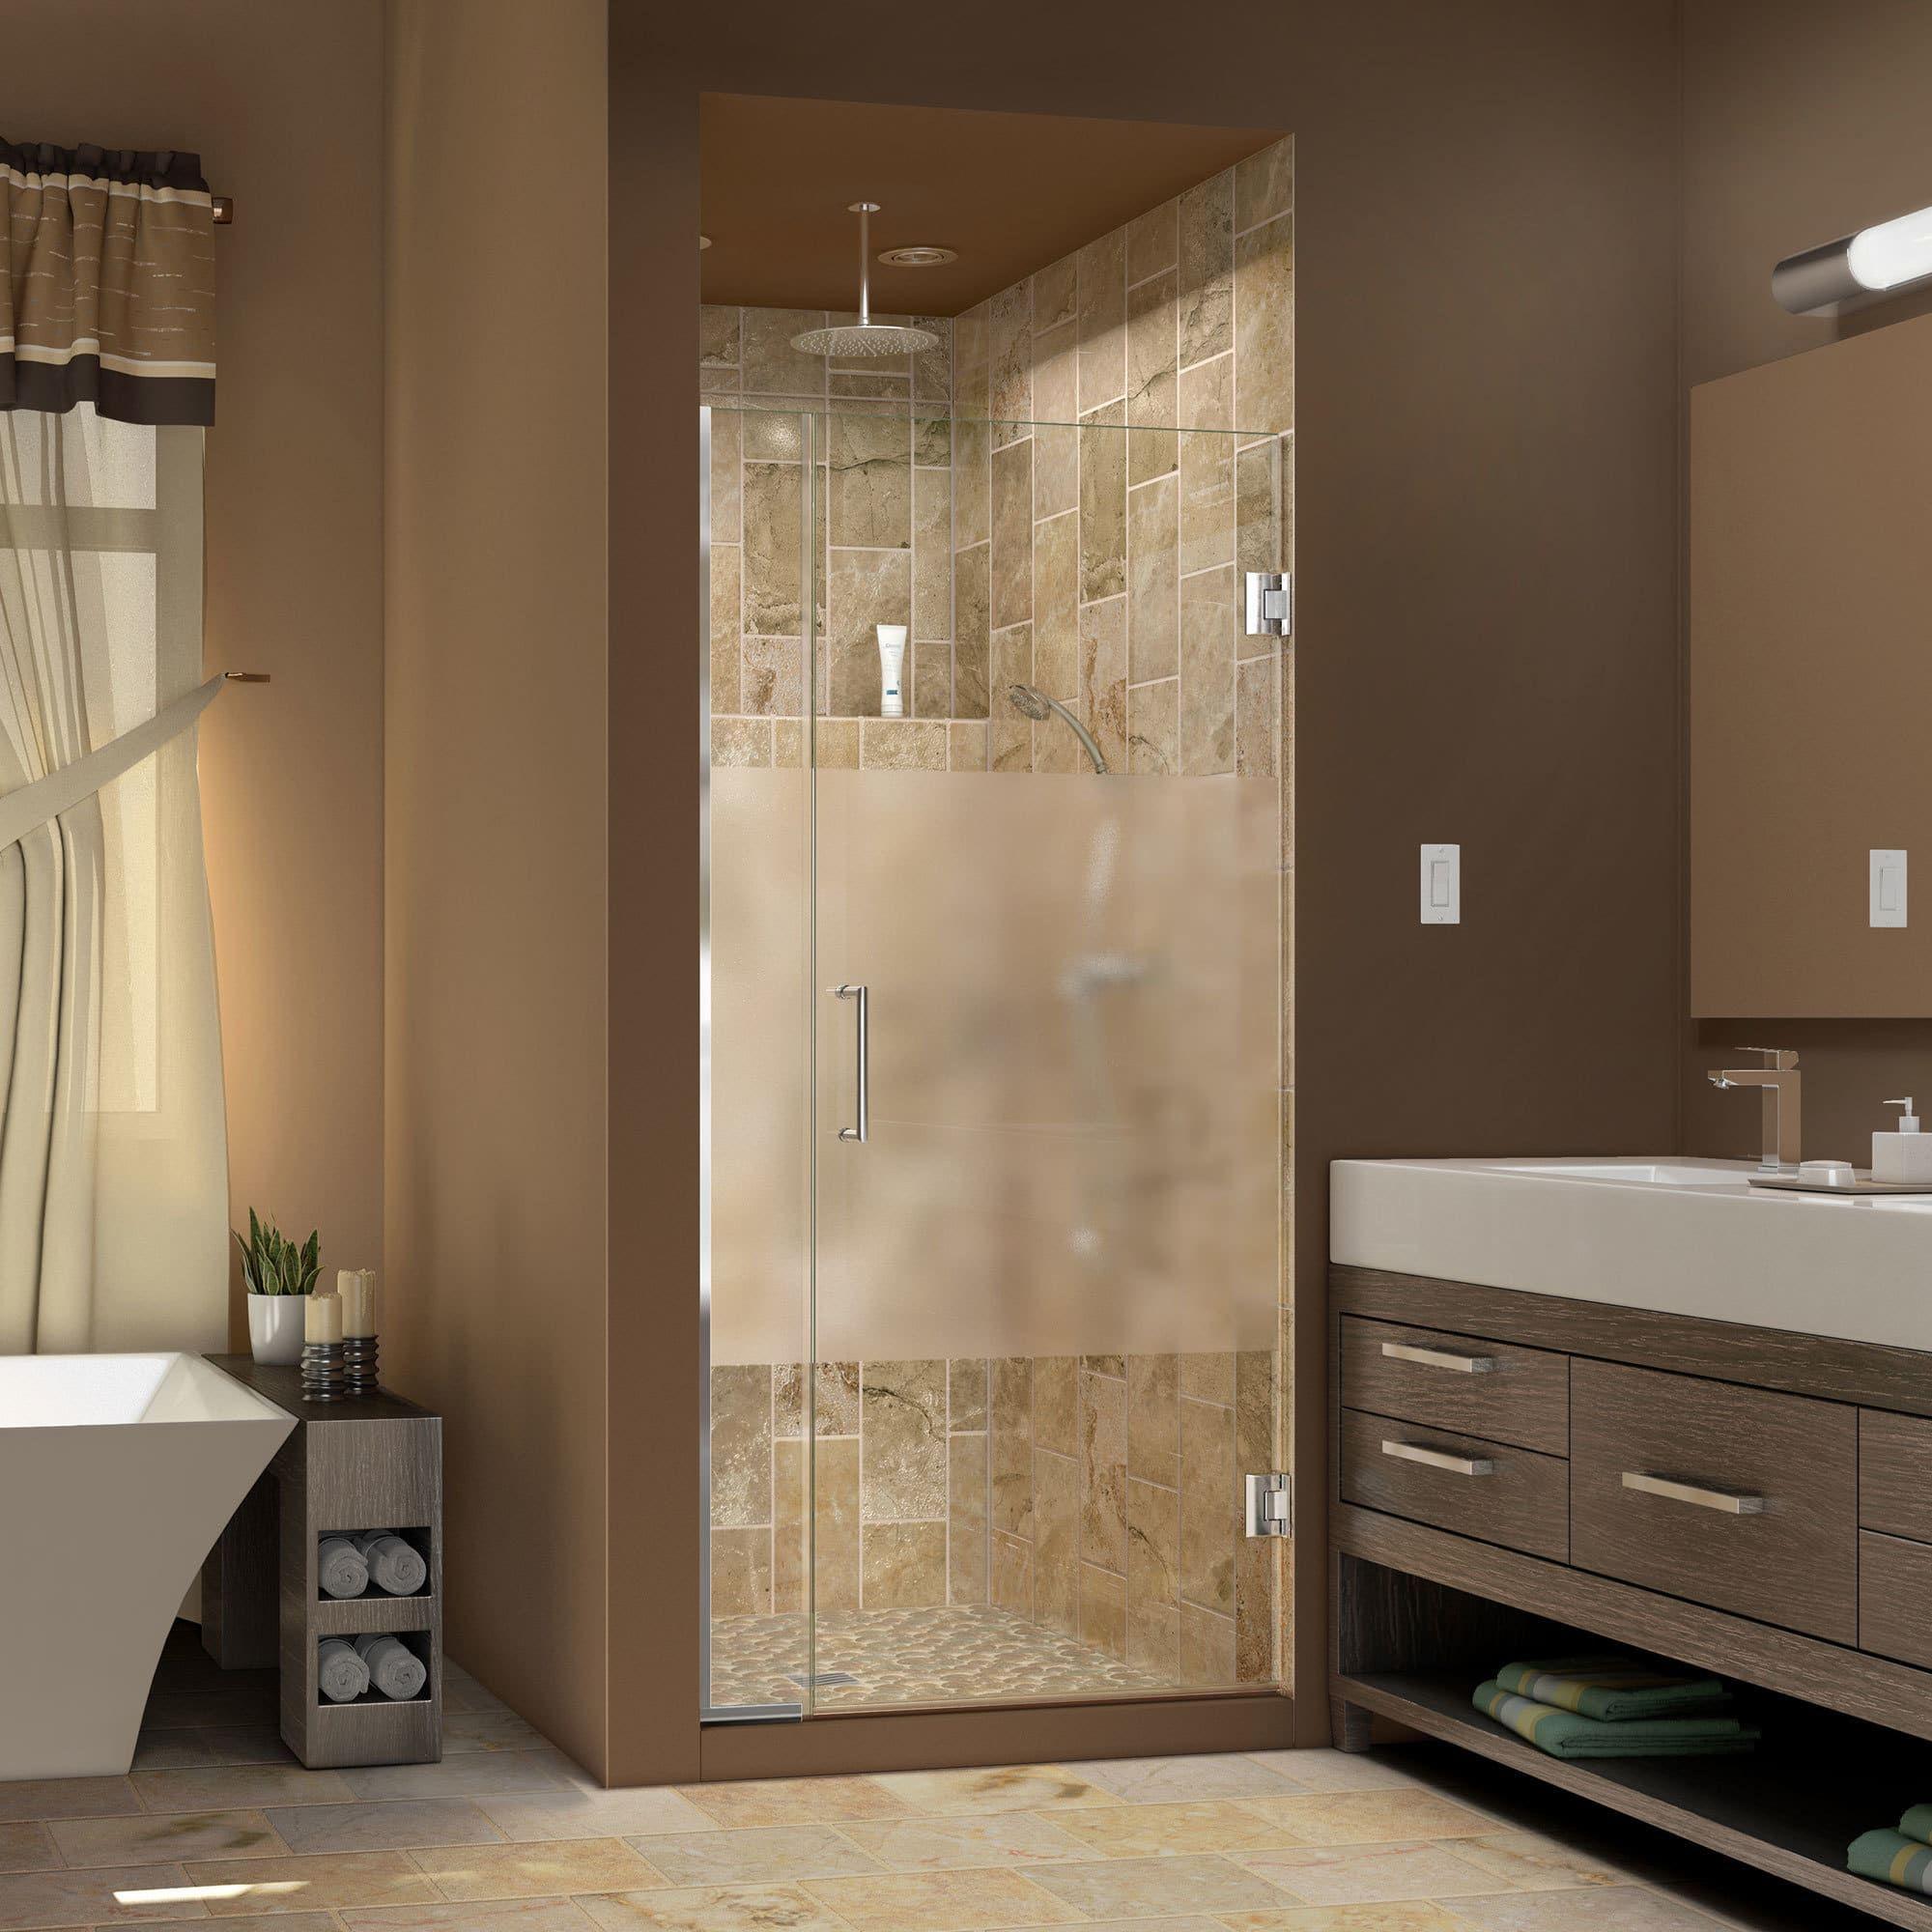 DreamLine Unidoor Plus 35 - 36 in. W x 72 in. H Hinged Shower Door ...